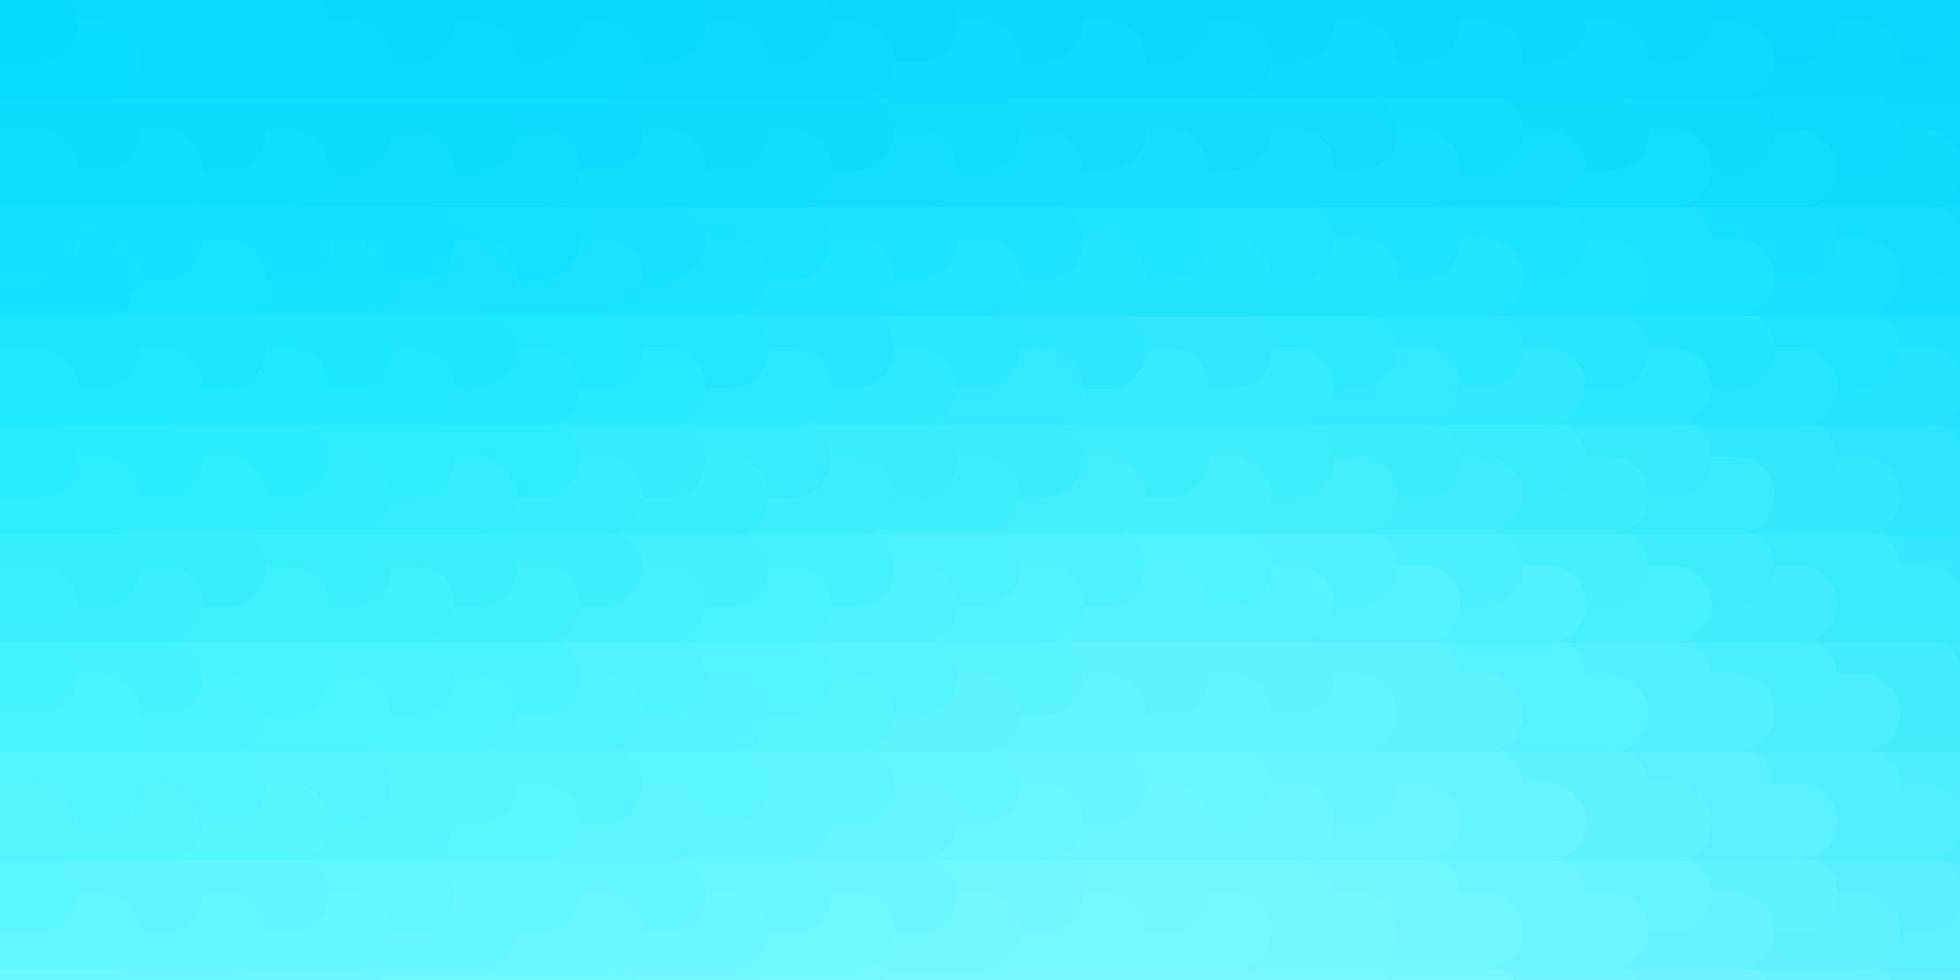 ljusblå vektormall med linjer. vektor